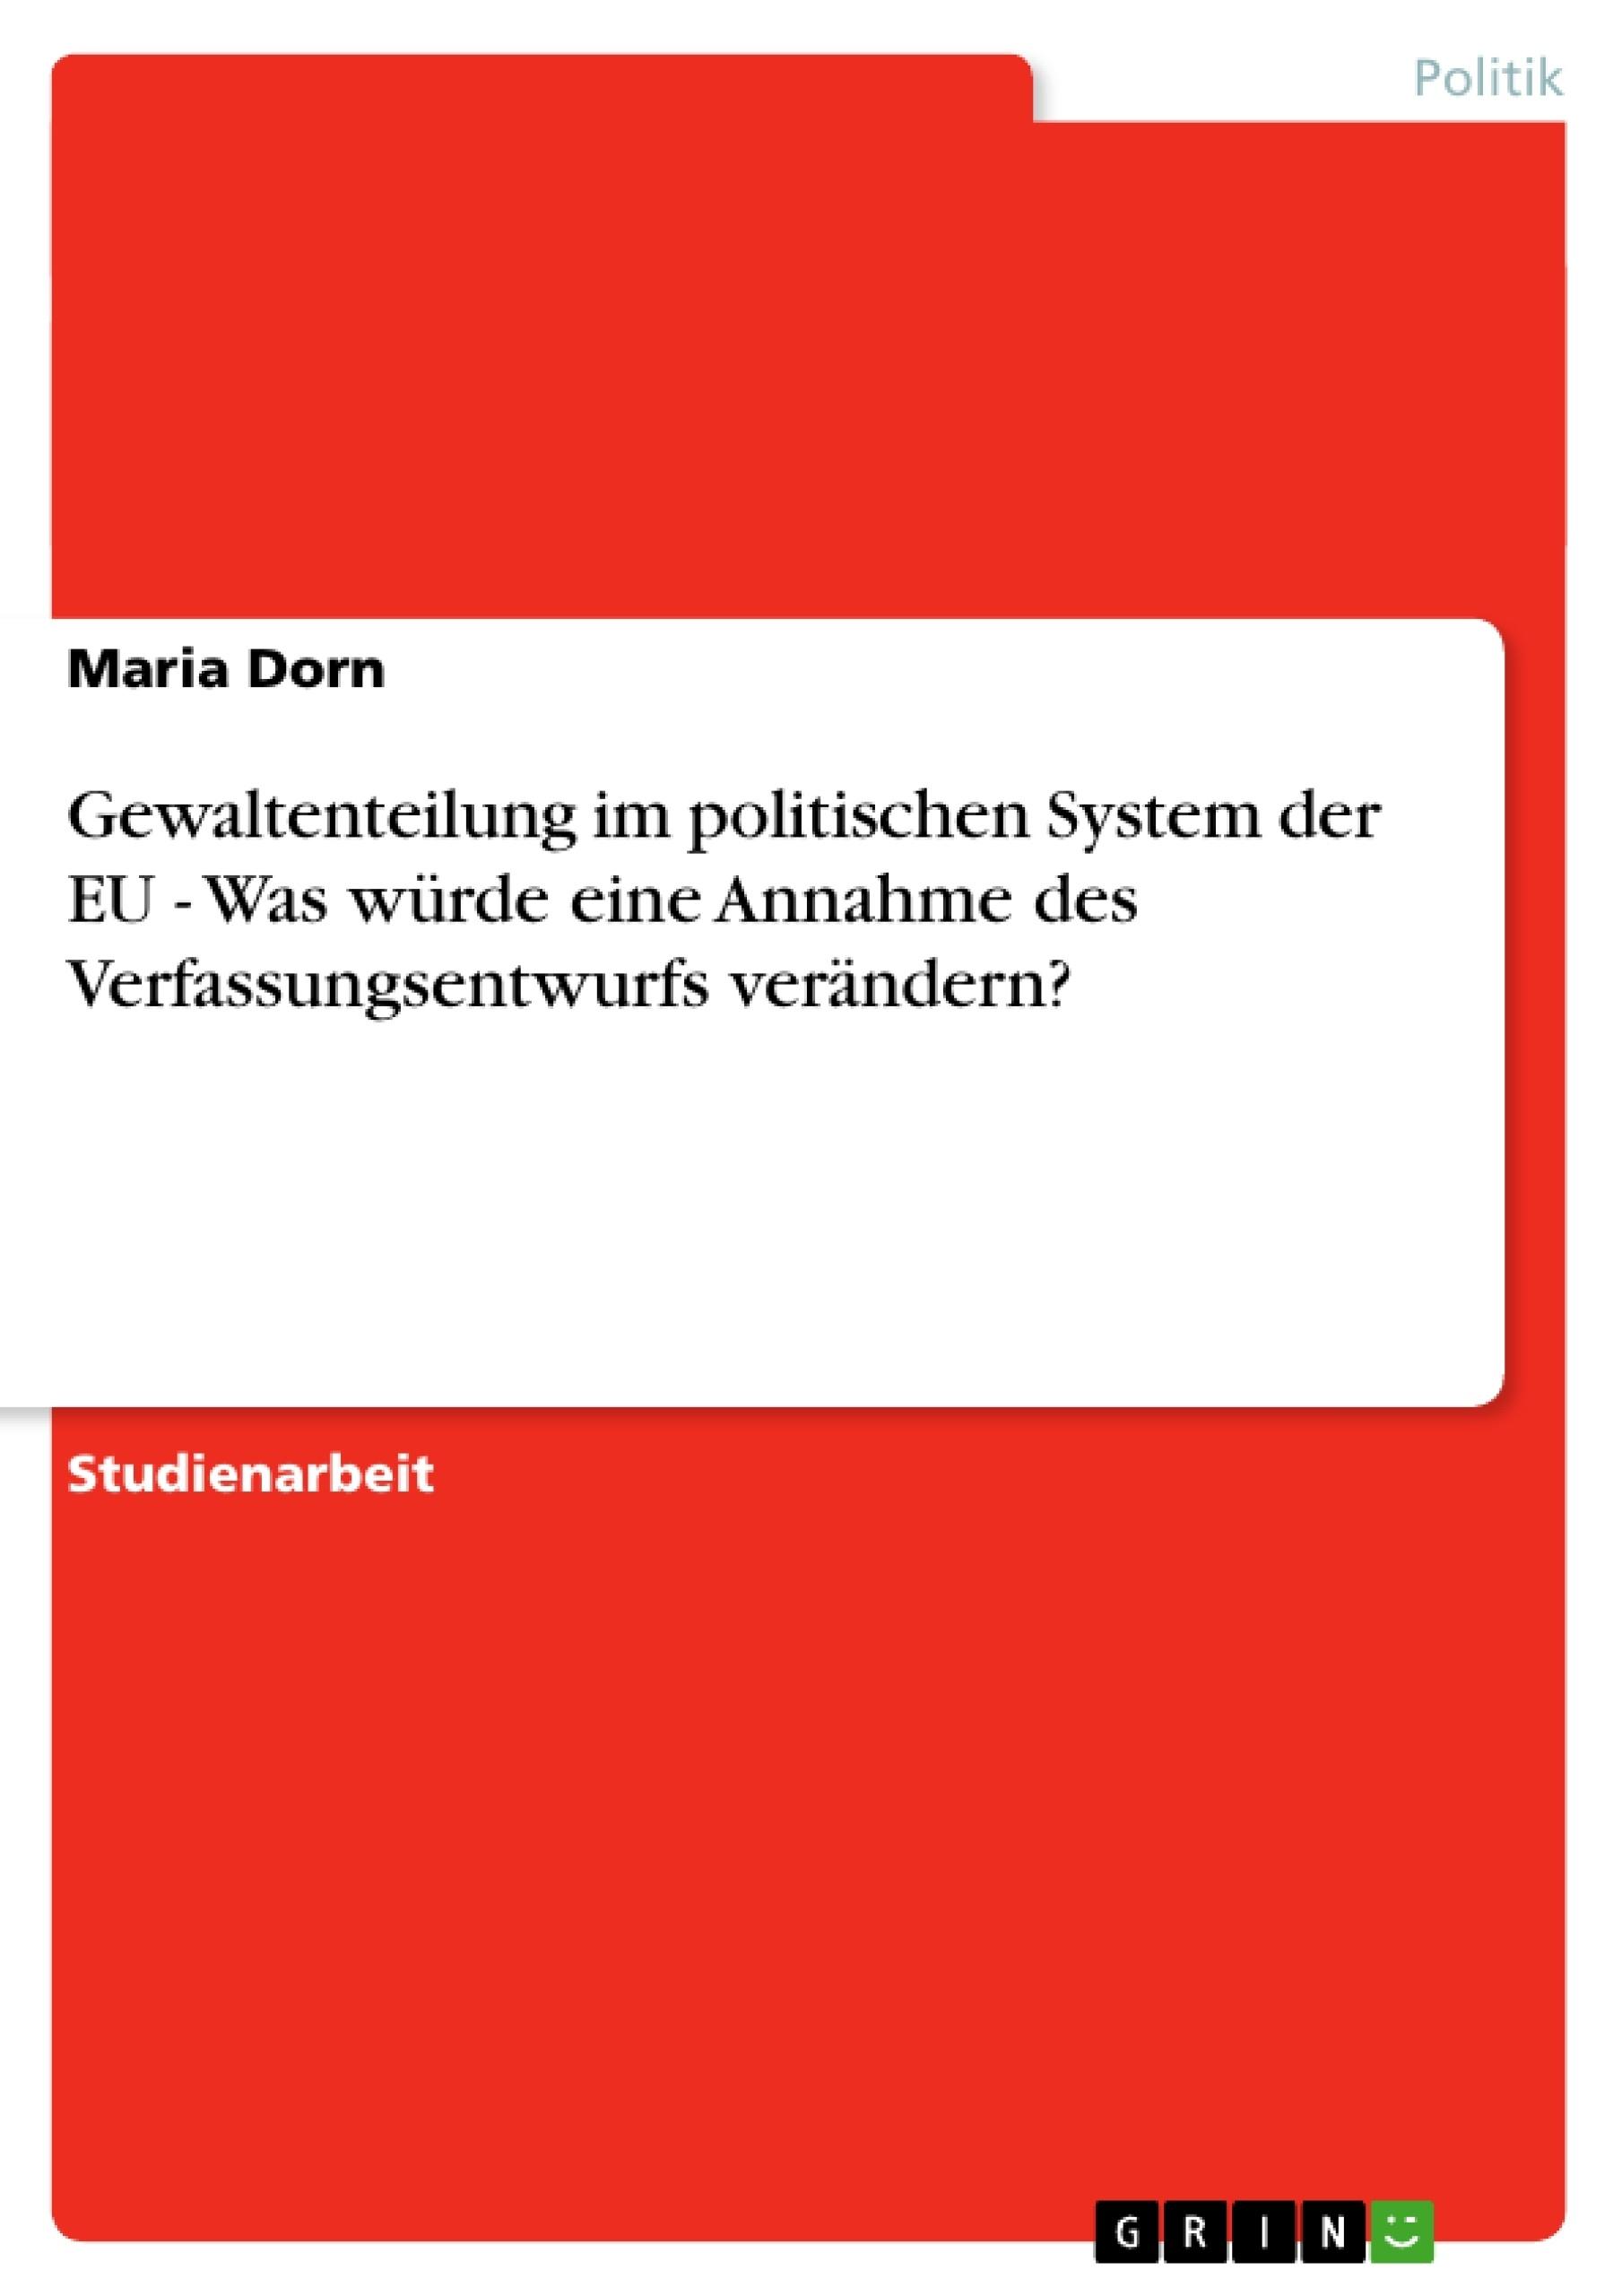 Titel: Gewaltenteilung im politischen System der EU - Was würde eine Annahme des Verfassungsentwurfs verändern?